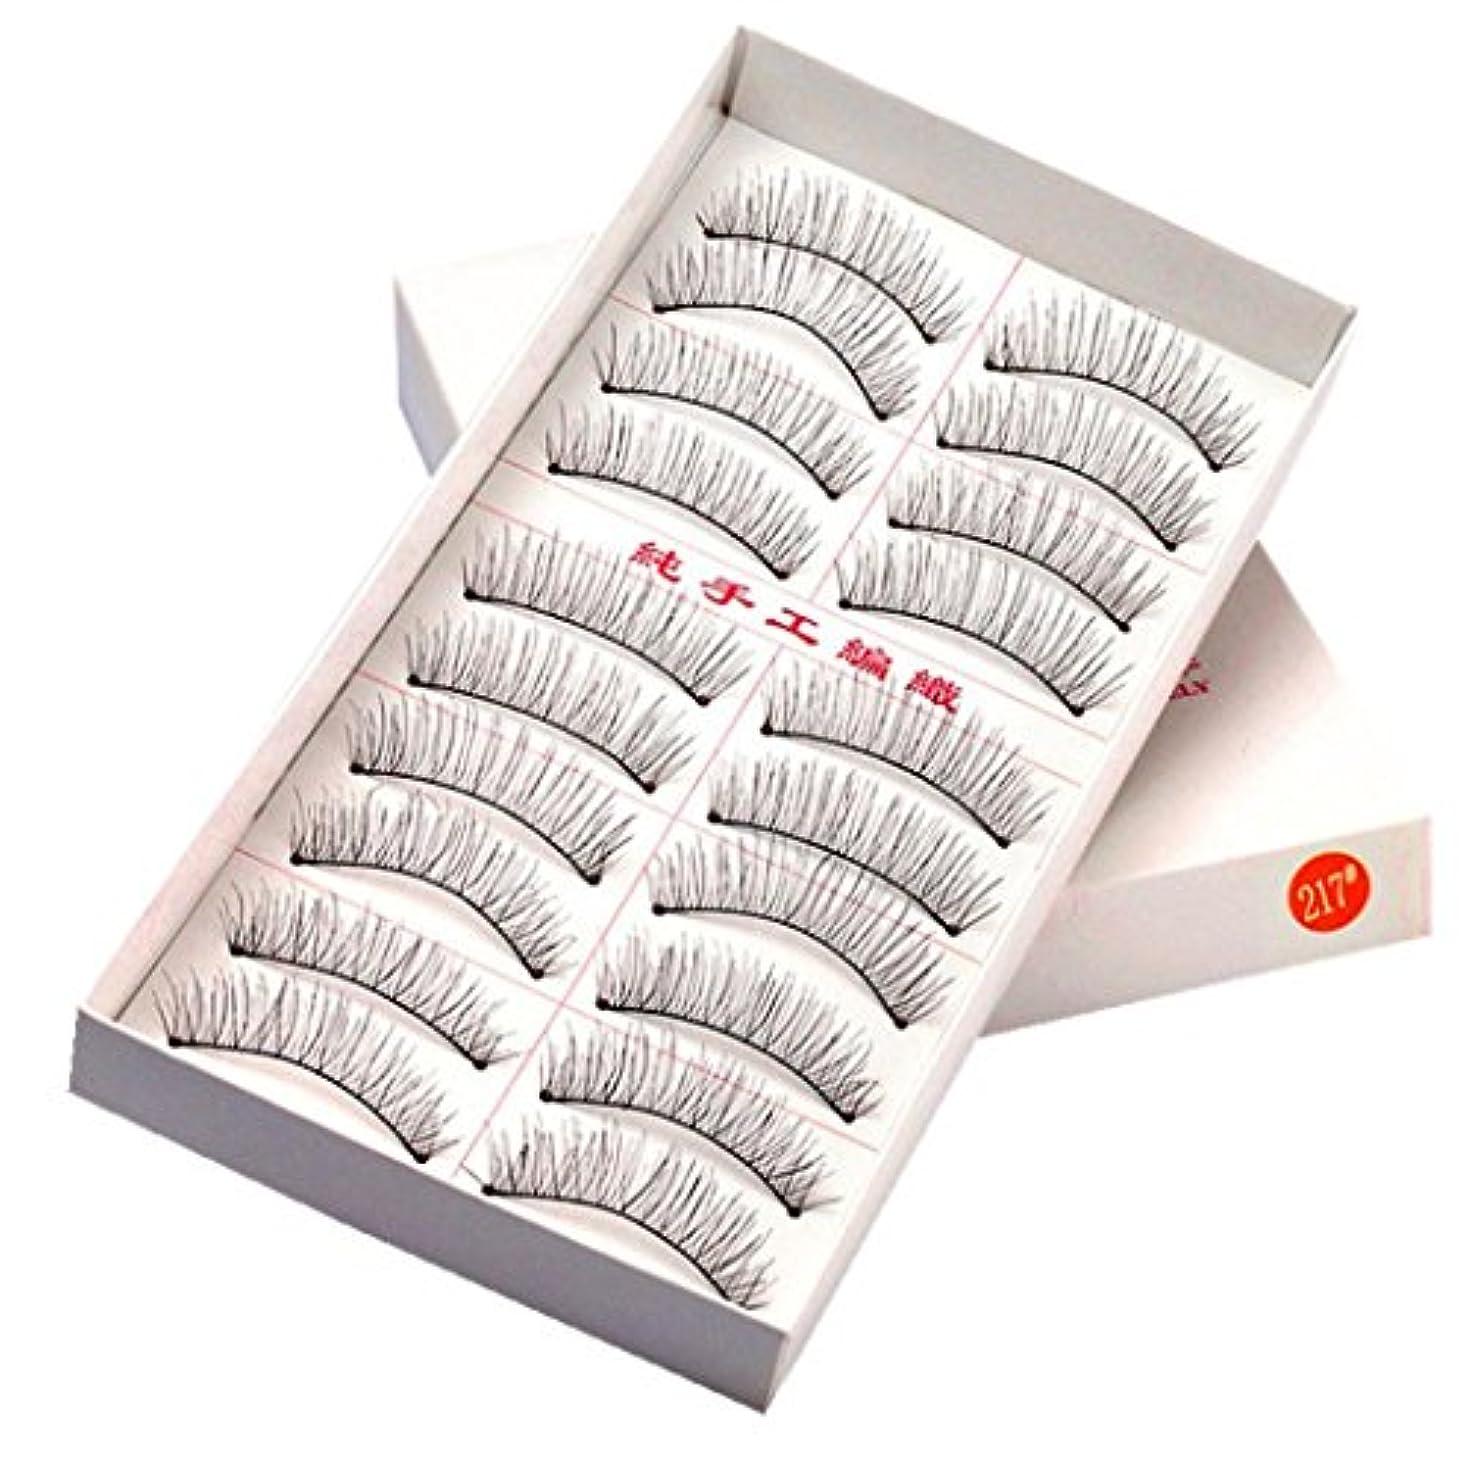 を通してバラエティ霧深いFeteso 10ペアセット つけまつげ 上まつげ Eyelashes アイラッシュ ビューティー まつげエクステ レディース 化粧ツール アイメイクアップ 人気 ナチュラル 飾り ふんわり 装着簡単 綺麗 変身